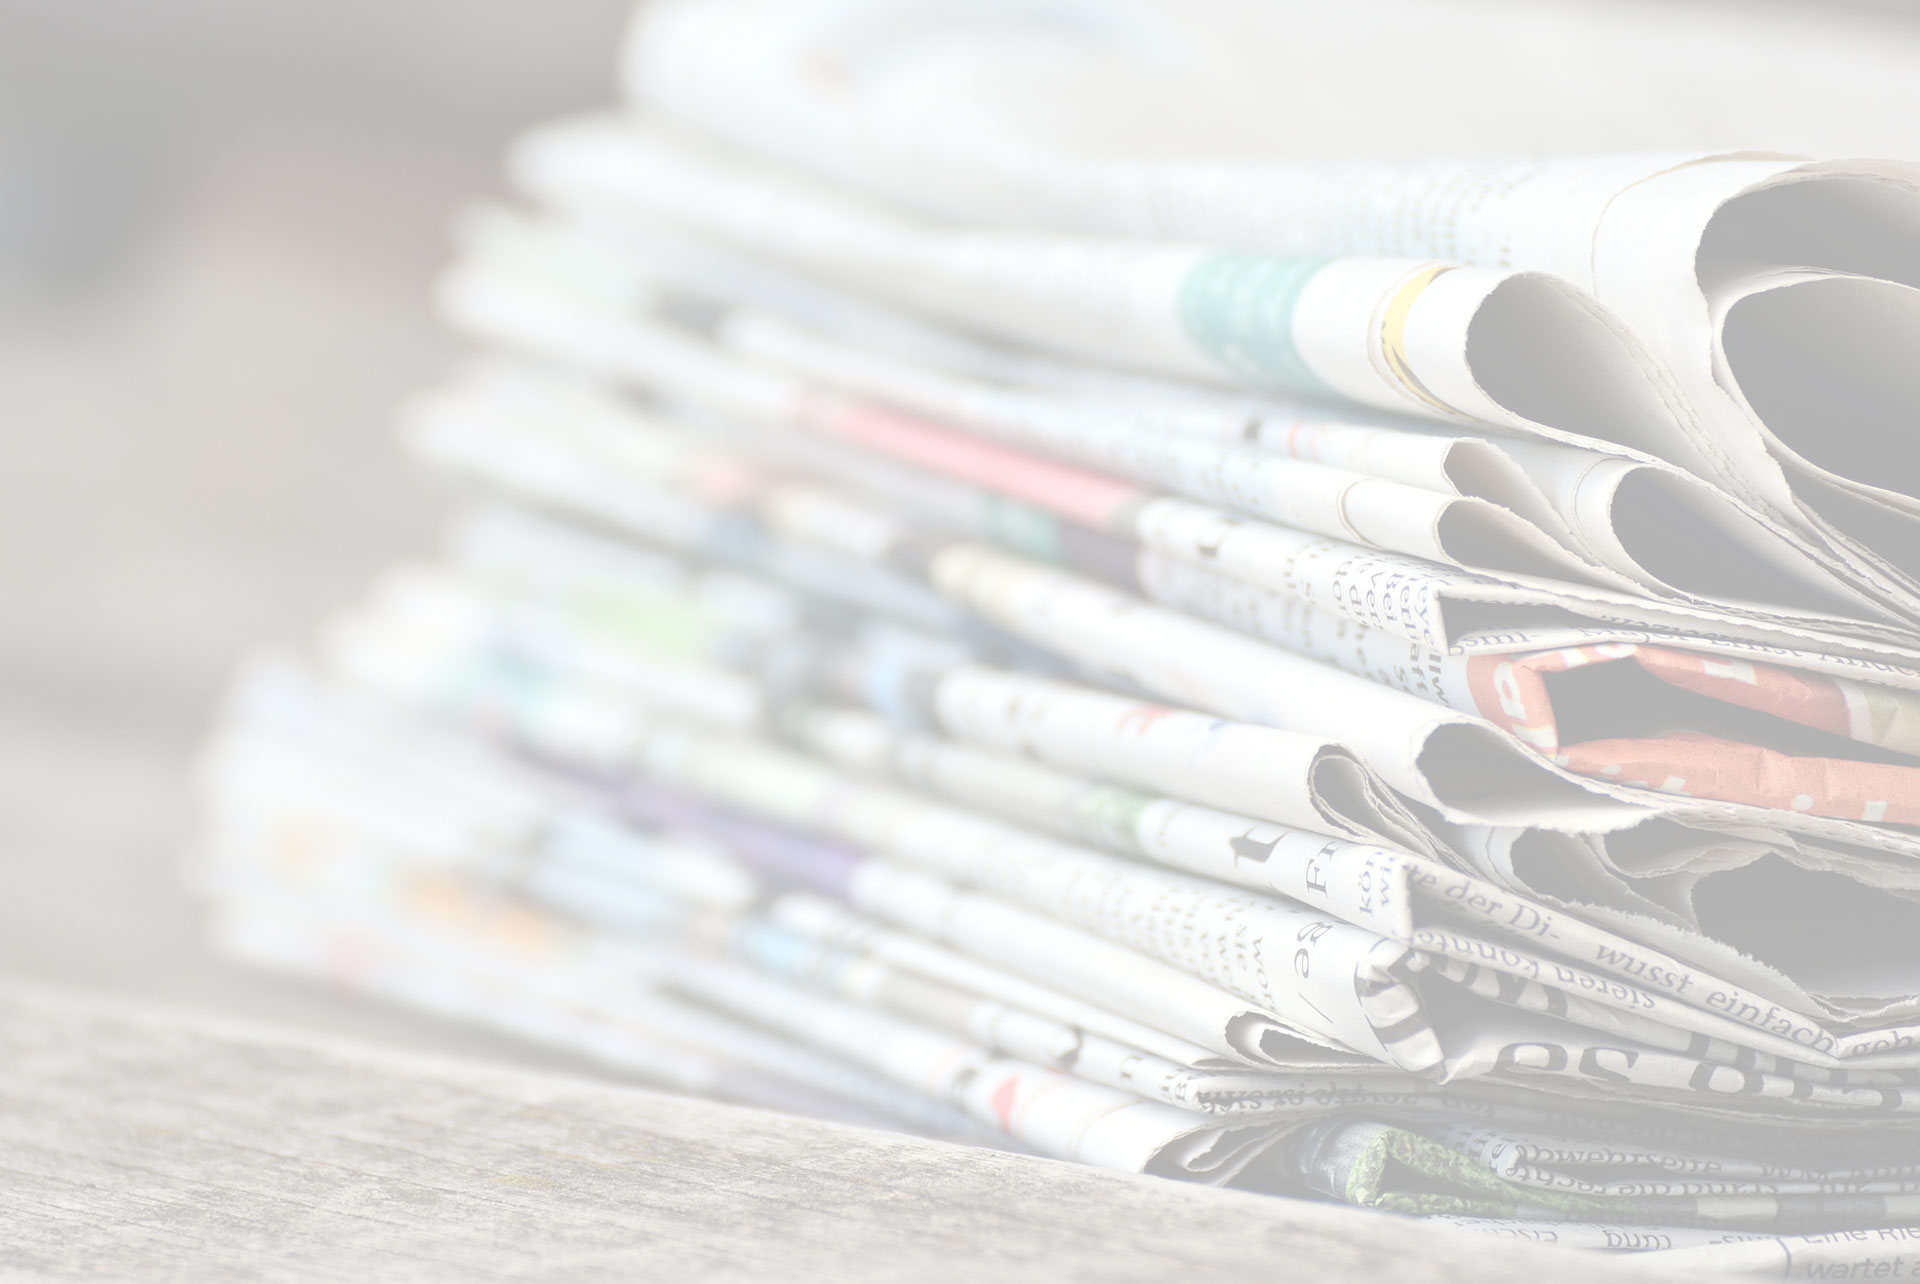 14 dicembre 2003, Saddam Hussein viene catturato a Tikrit